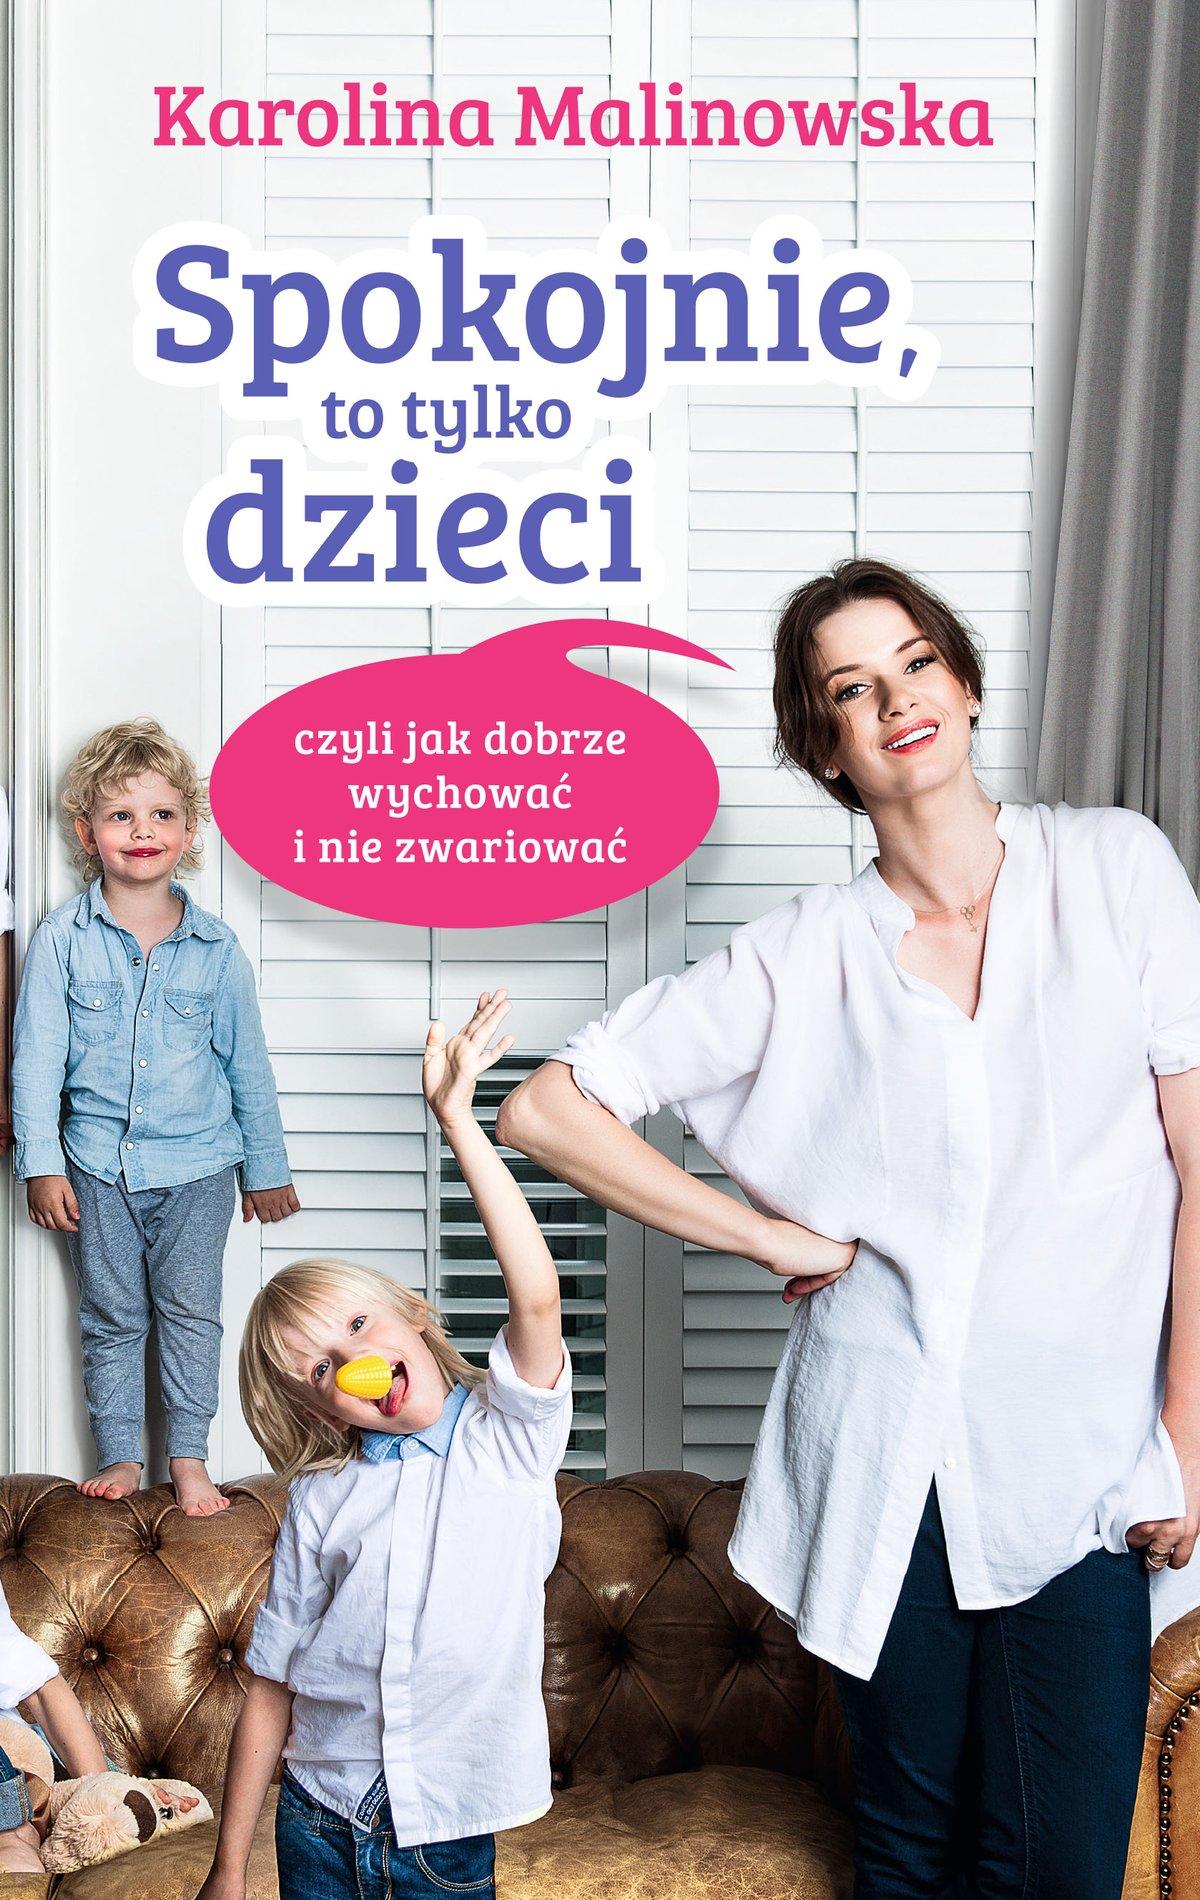 Spokojnie, to tylko dzieci czyli jak dobrze wychować i nie zwariować - Ebook (Książka na Kindle) do pobrania w formacie MOBI